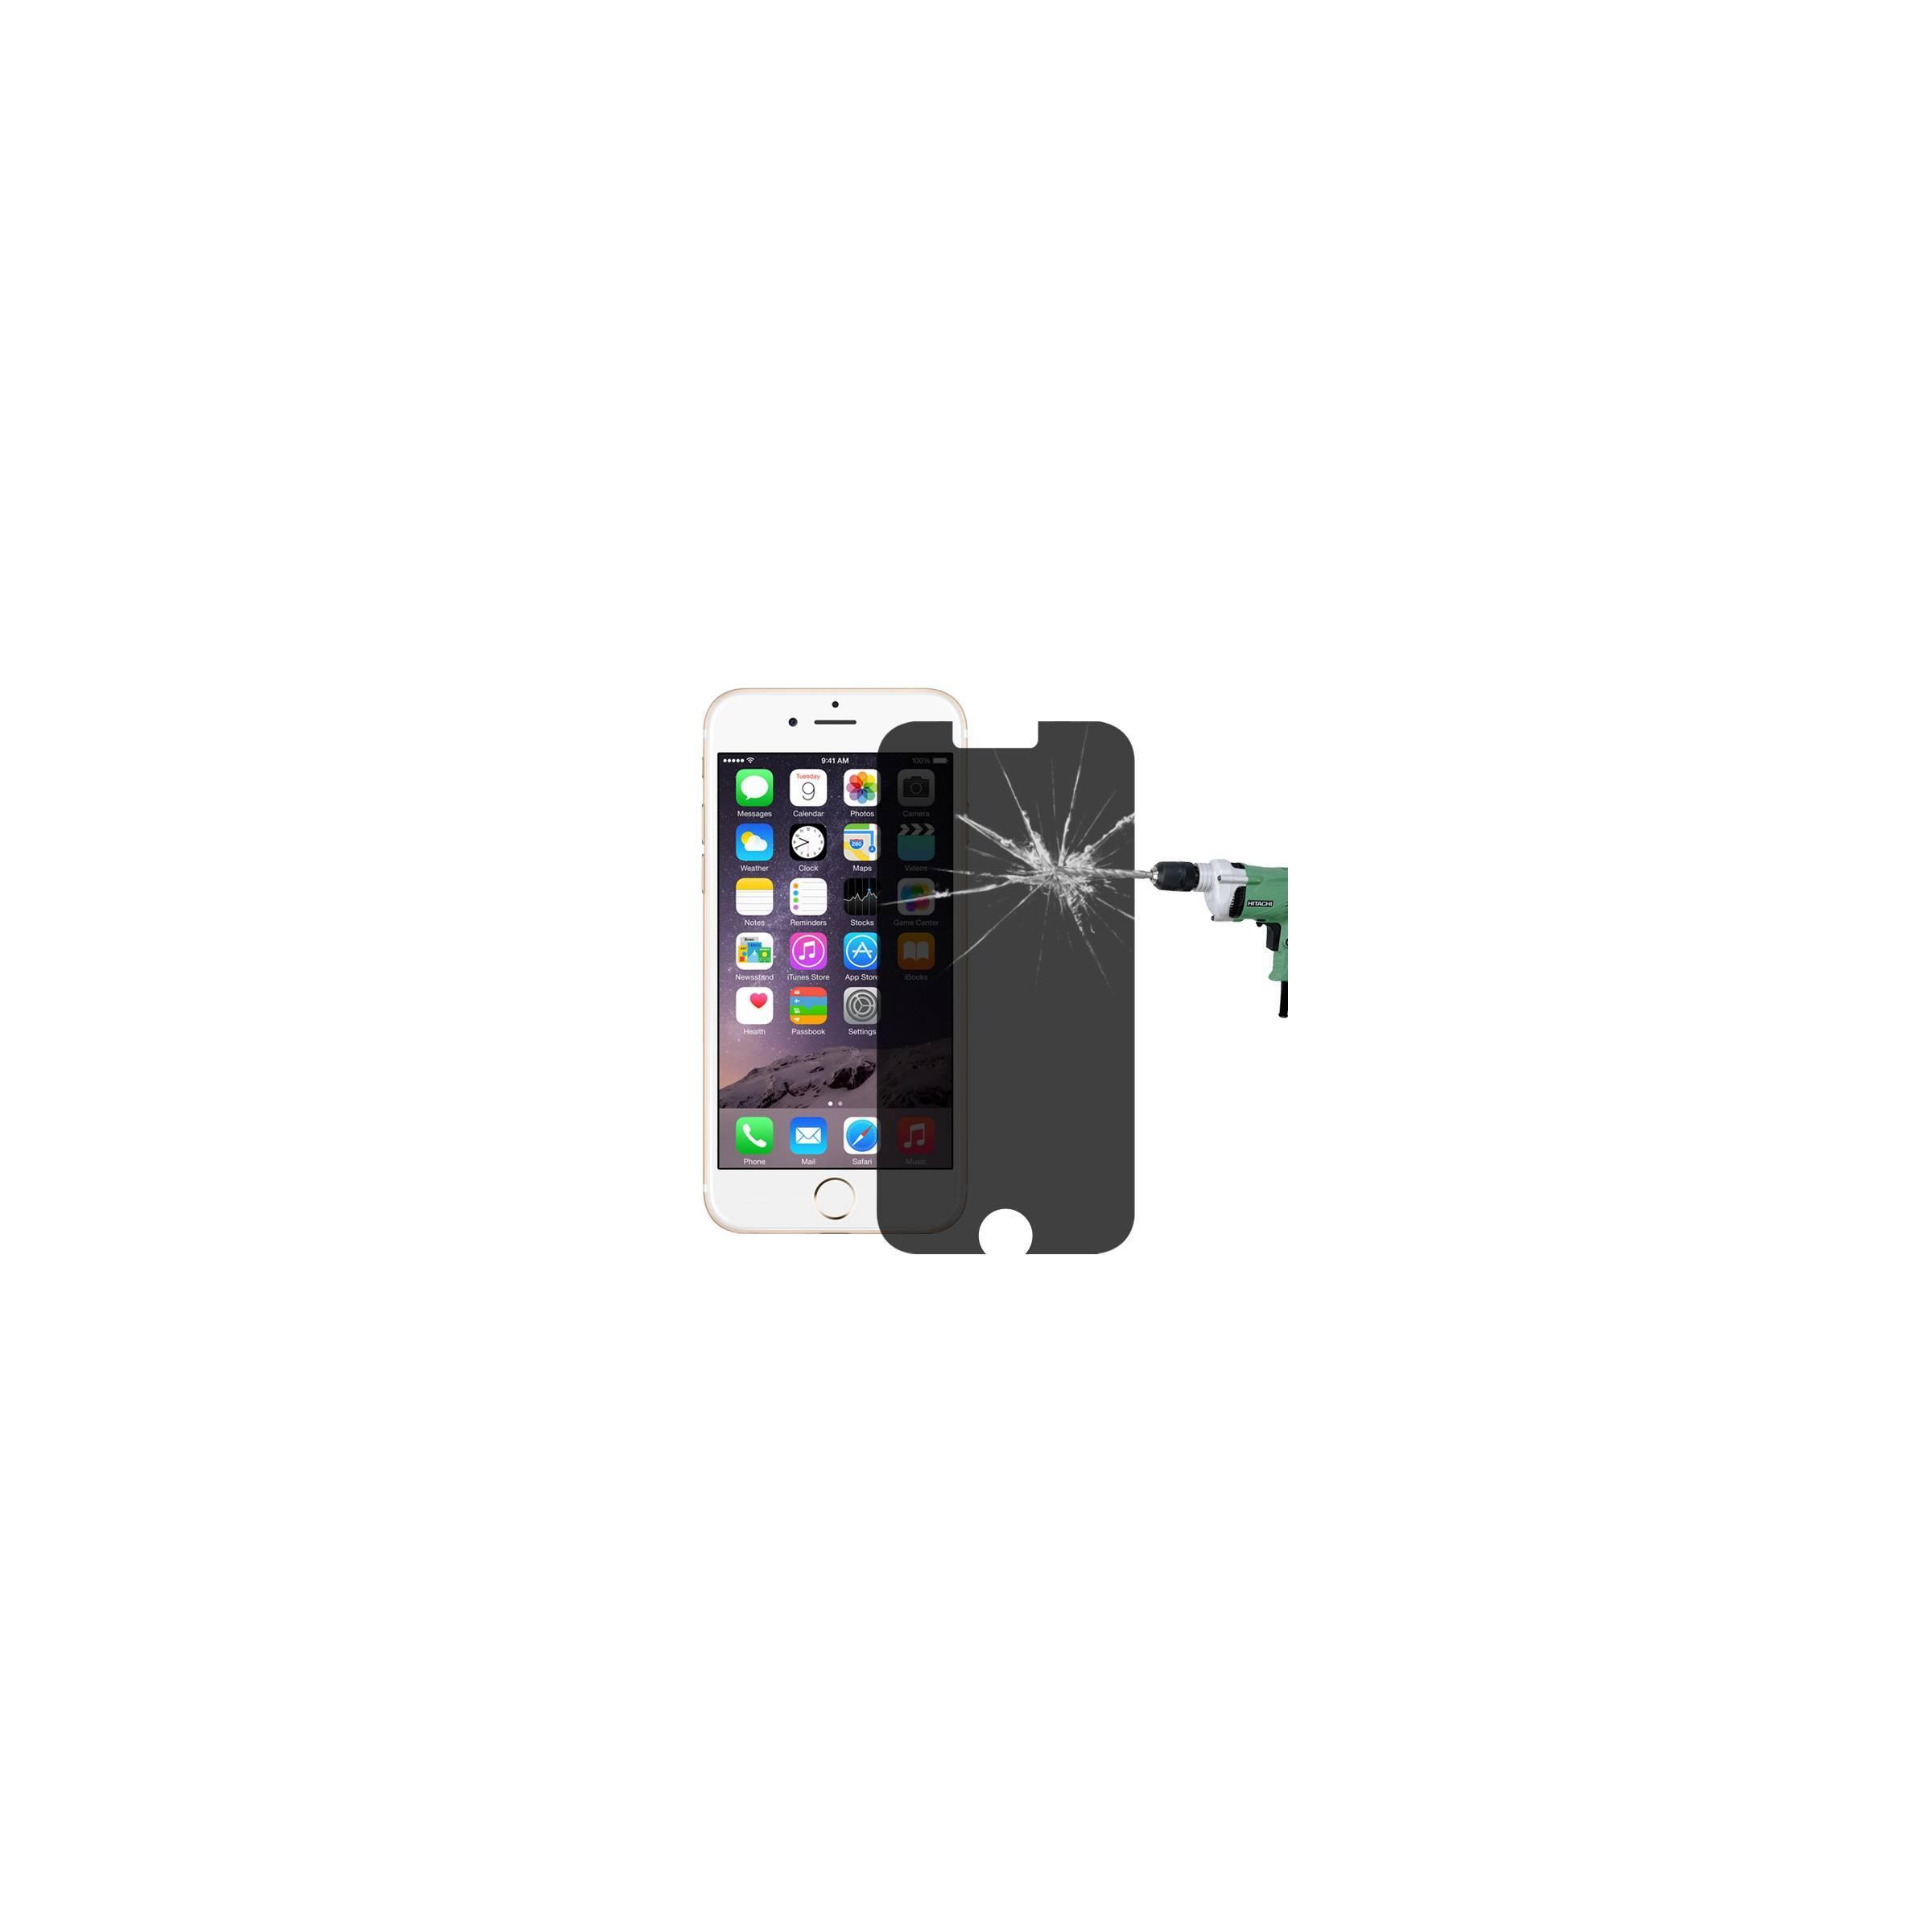 haweel Privacy beskyttelsesglas til iphone iphone iphone 6 plus/ 6s plus på mackabler.dk